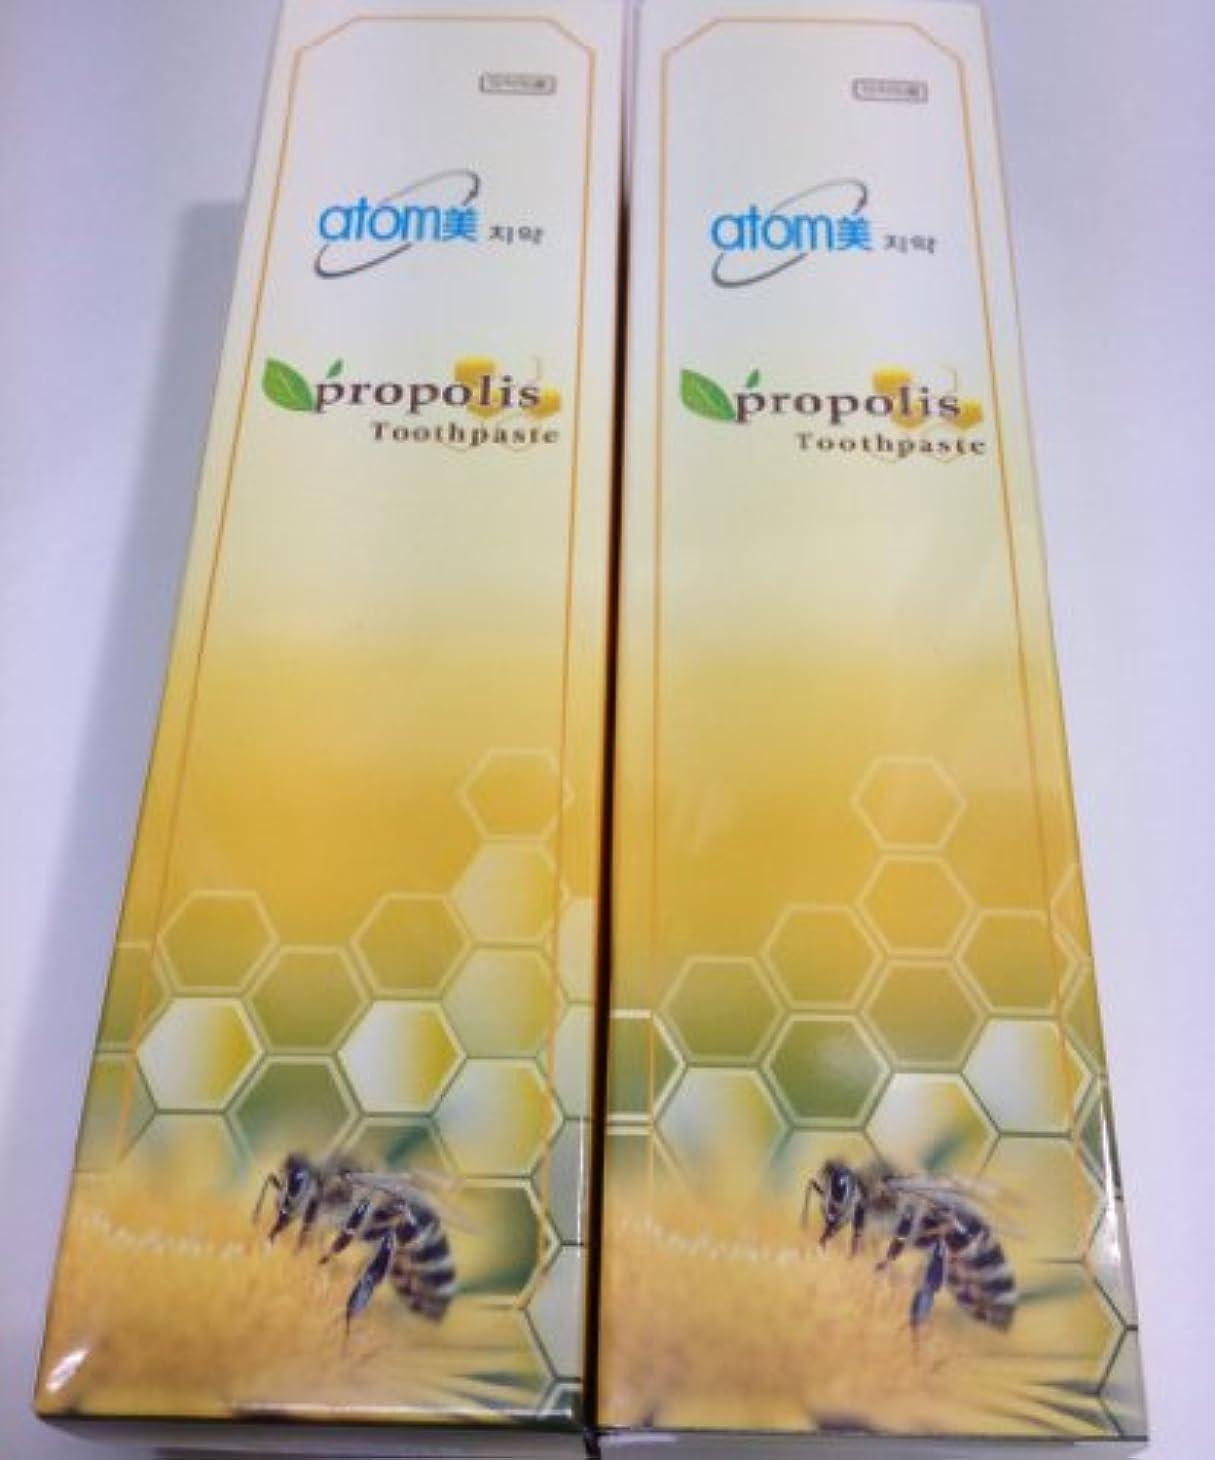 不明瞭まともなテスピアンアトミ化粧品 アトミ 歯ミガキ (歯磨き粉) 200g 2本セット 並行輸入品